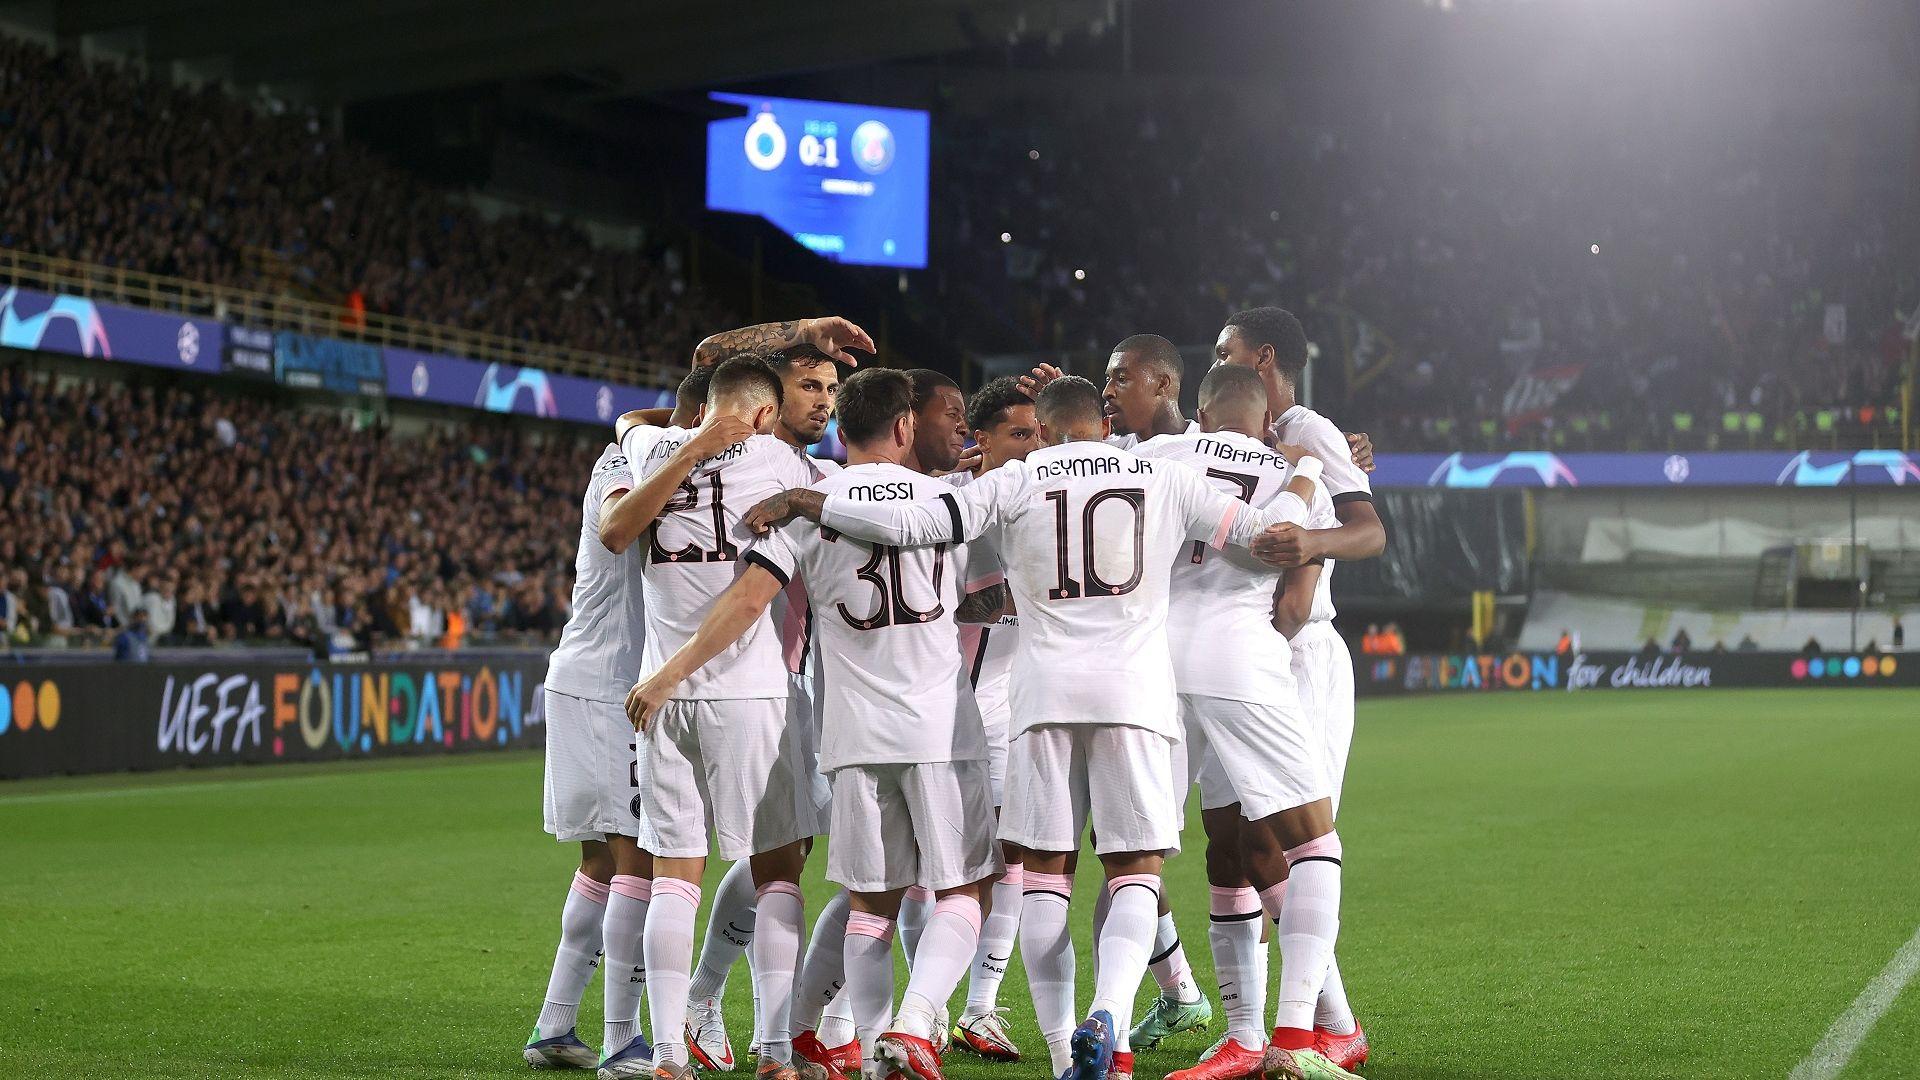 Звездната атака на ПСЖ не заблестя в луда нощ с 28 гола (Шампионска лига резултати)